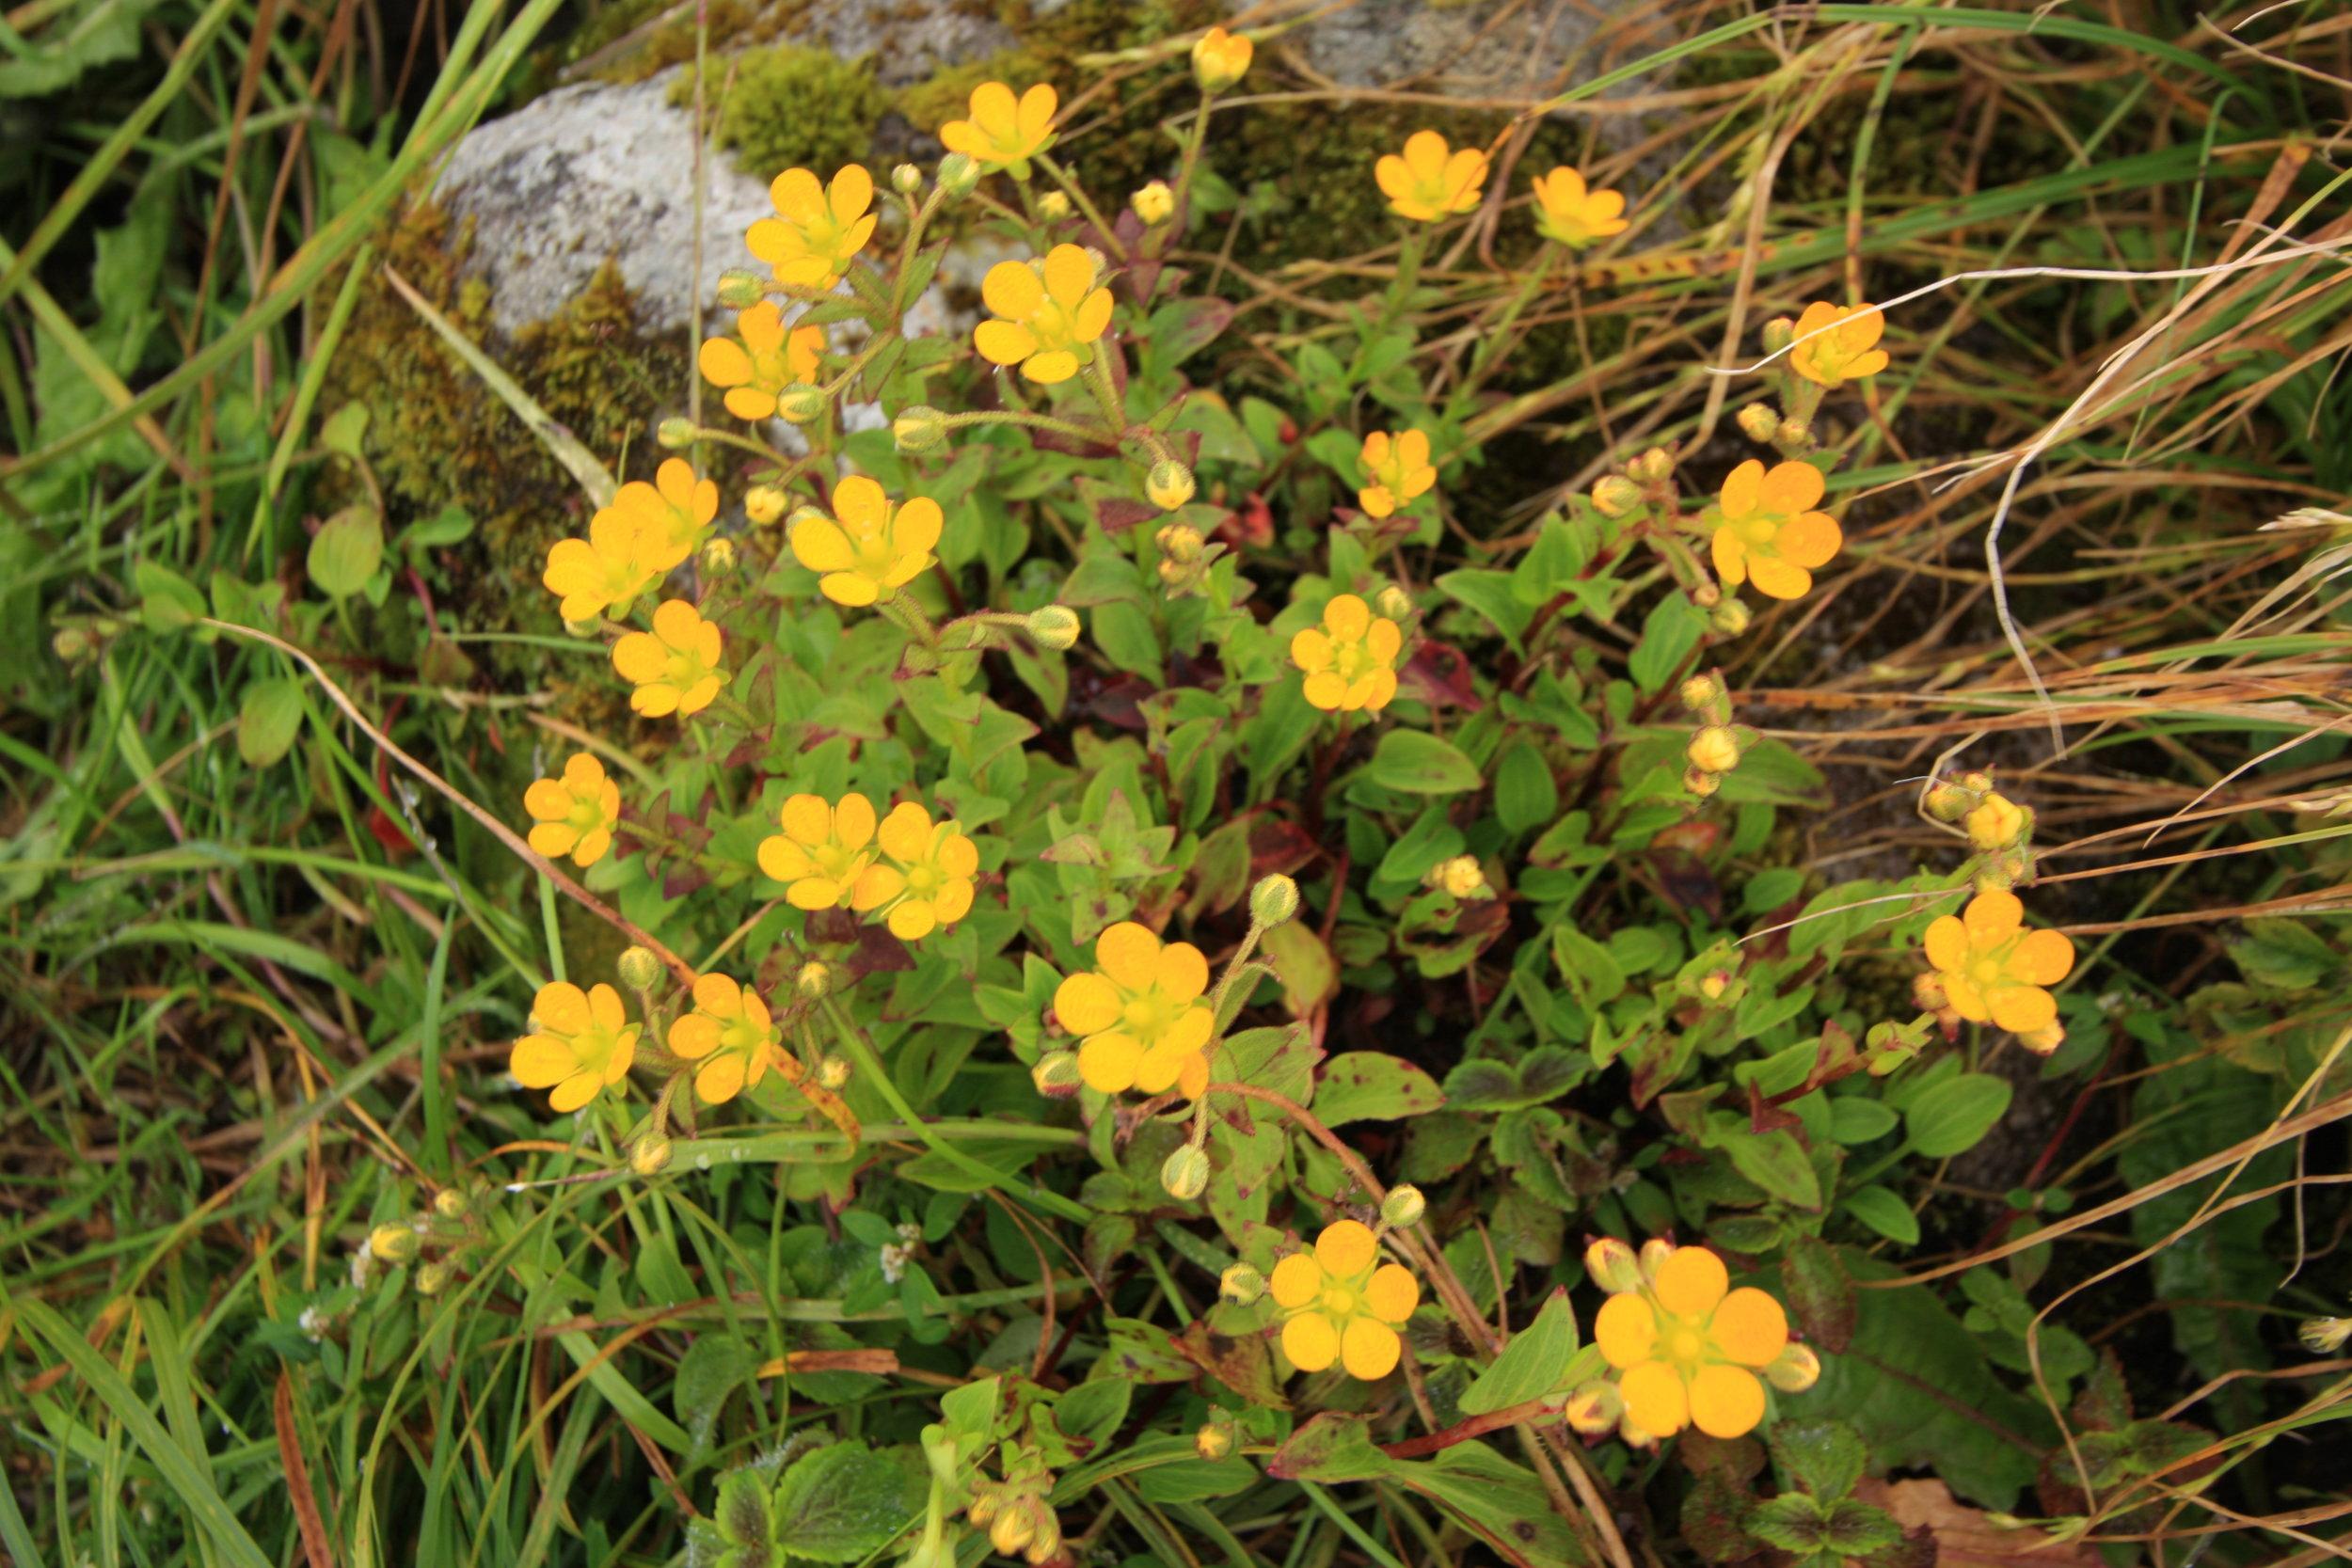 Saxifraga parnassifolia D.Don